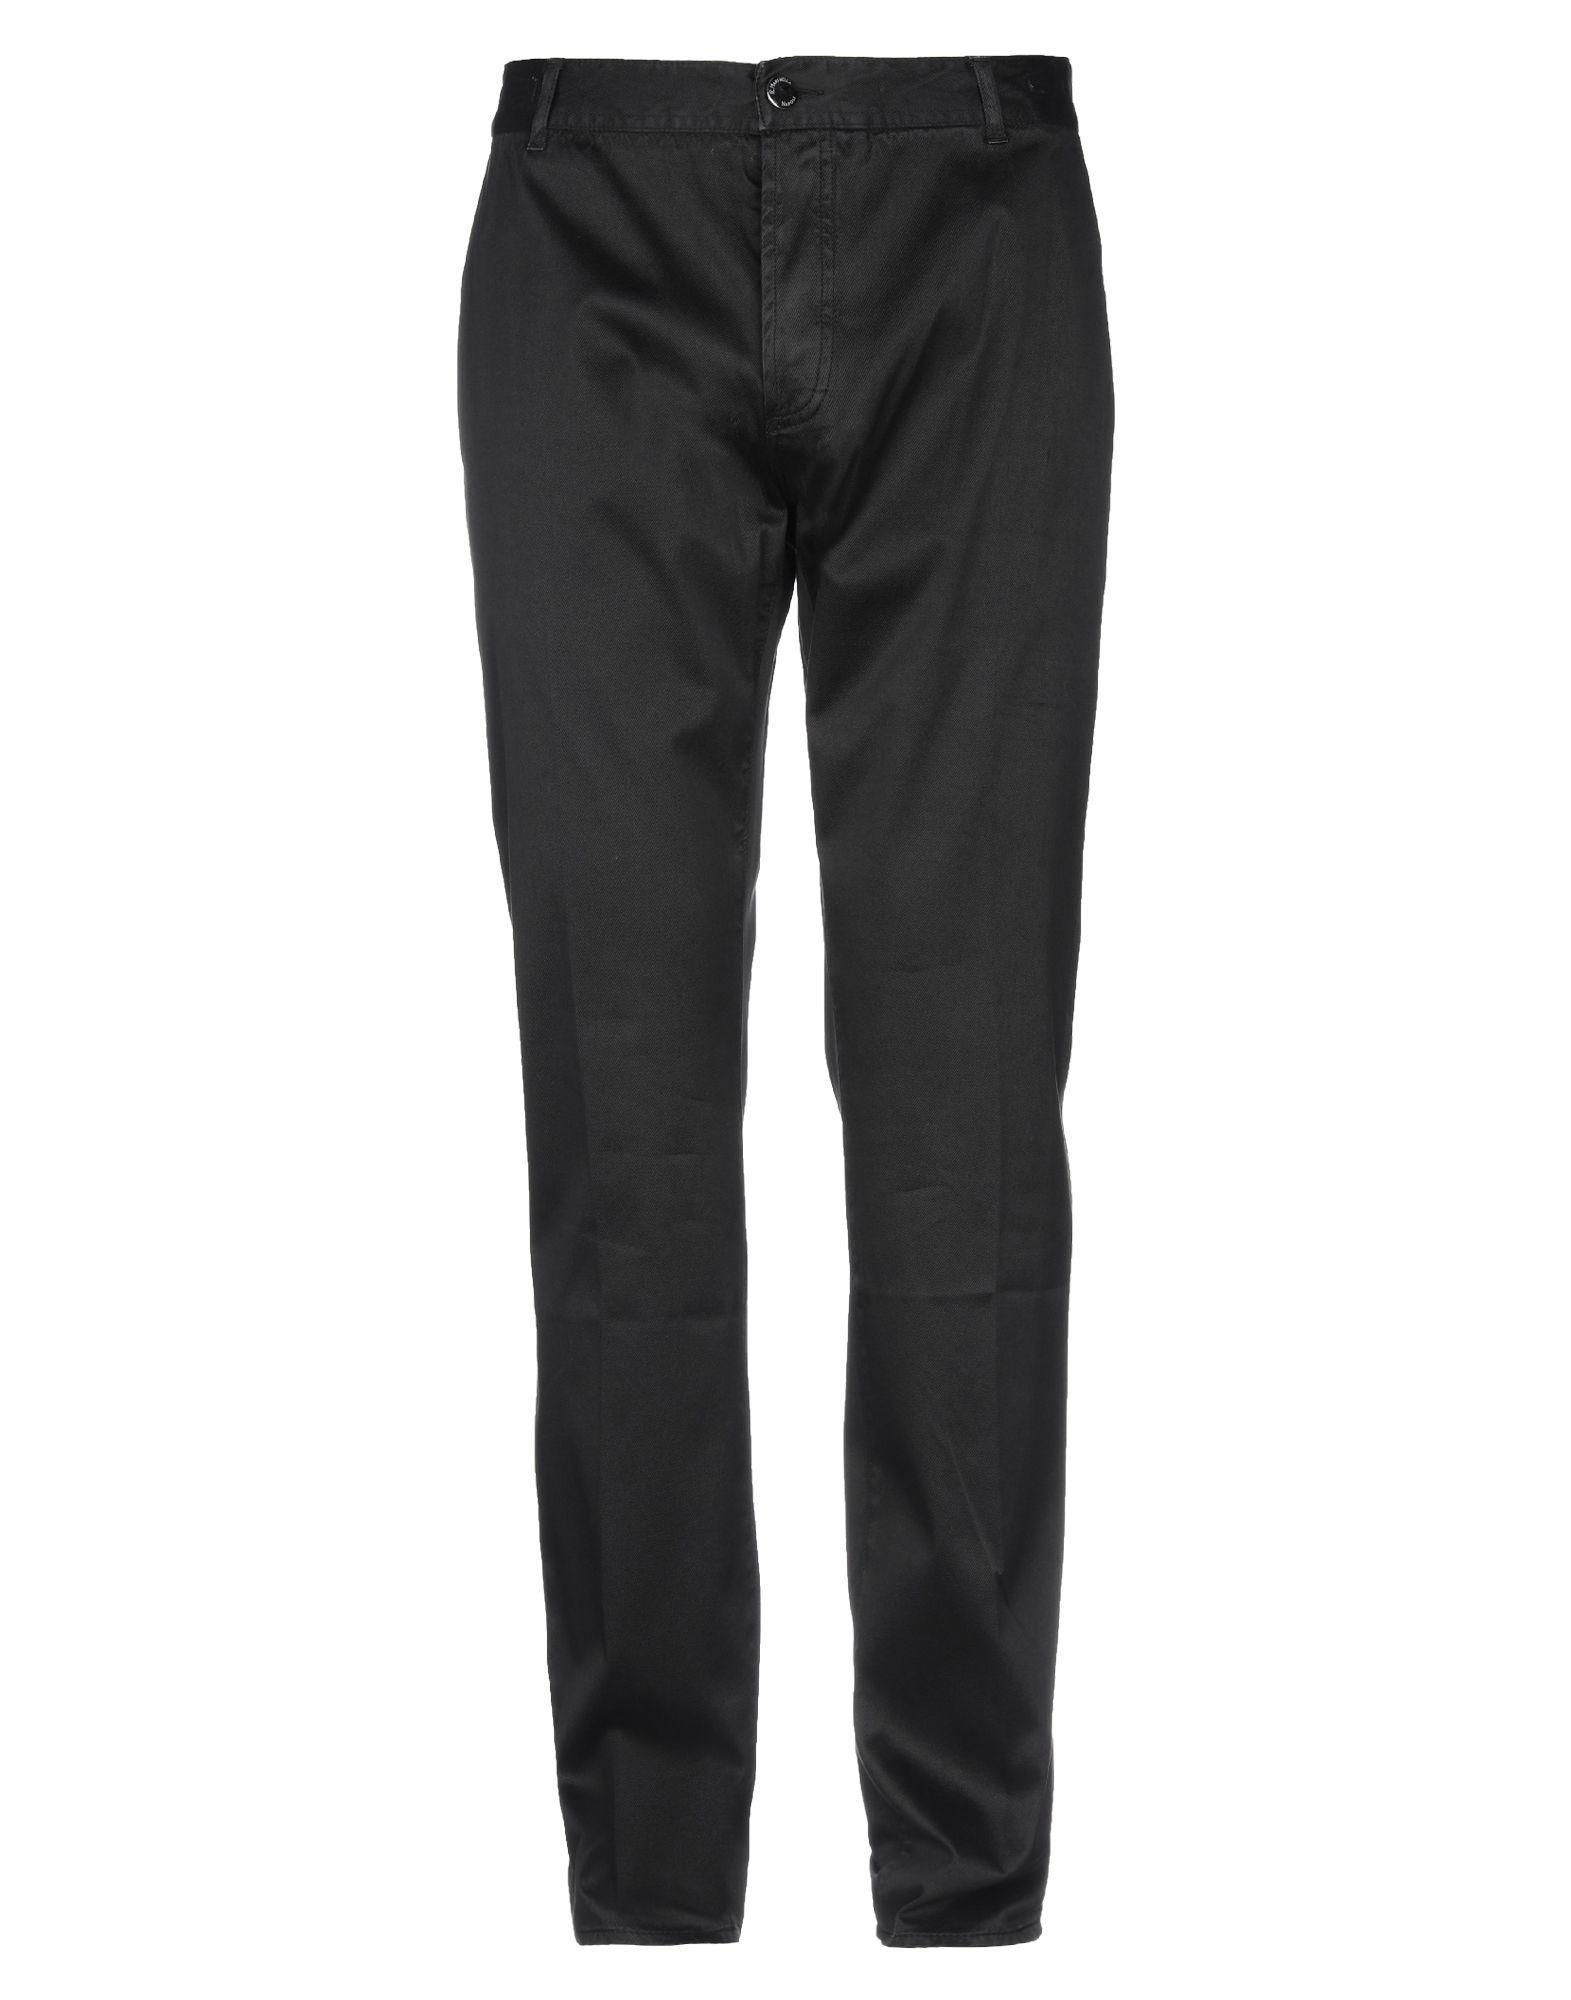 《期間限定 セール開催中》E.MARINELLA メンズ パンツ ブラック 30 コットン 98% / ポリウレタン 2%